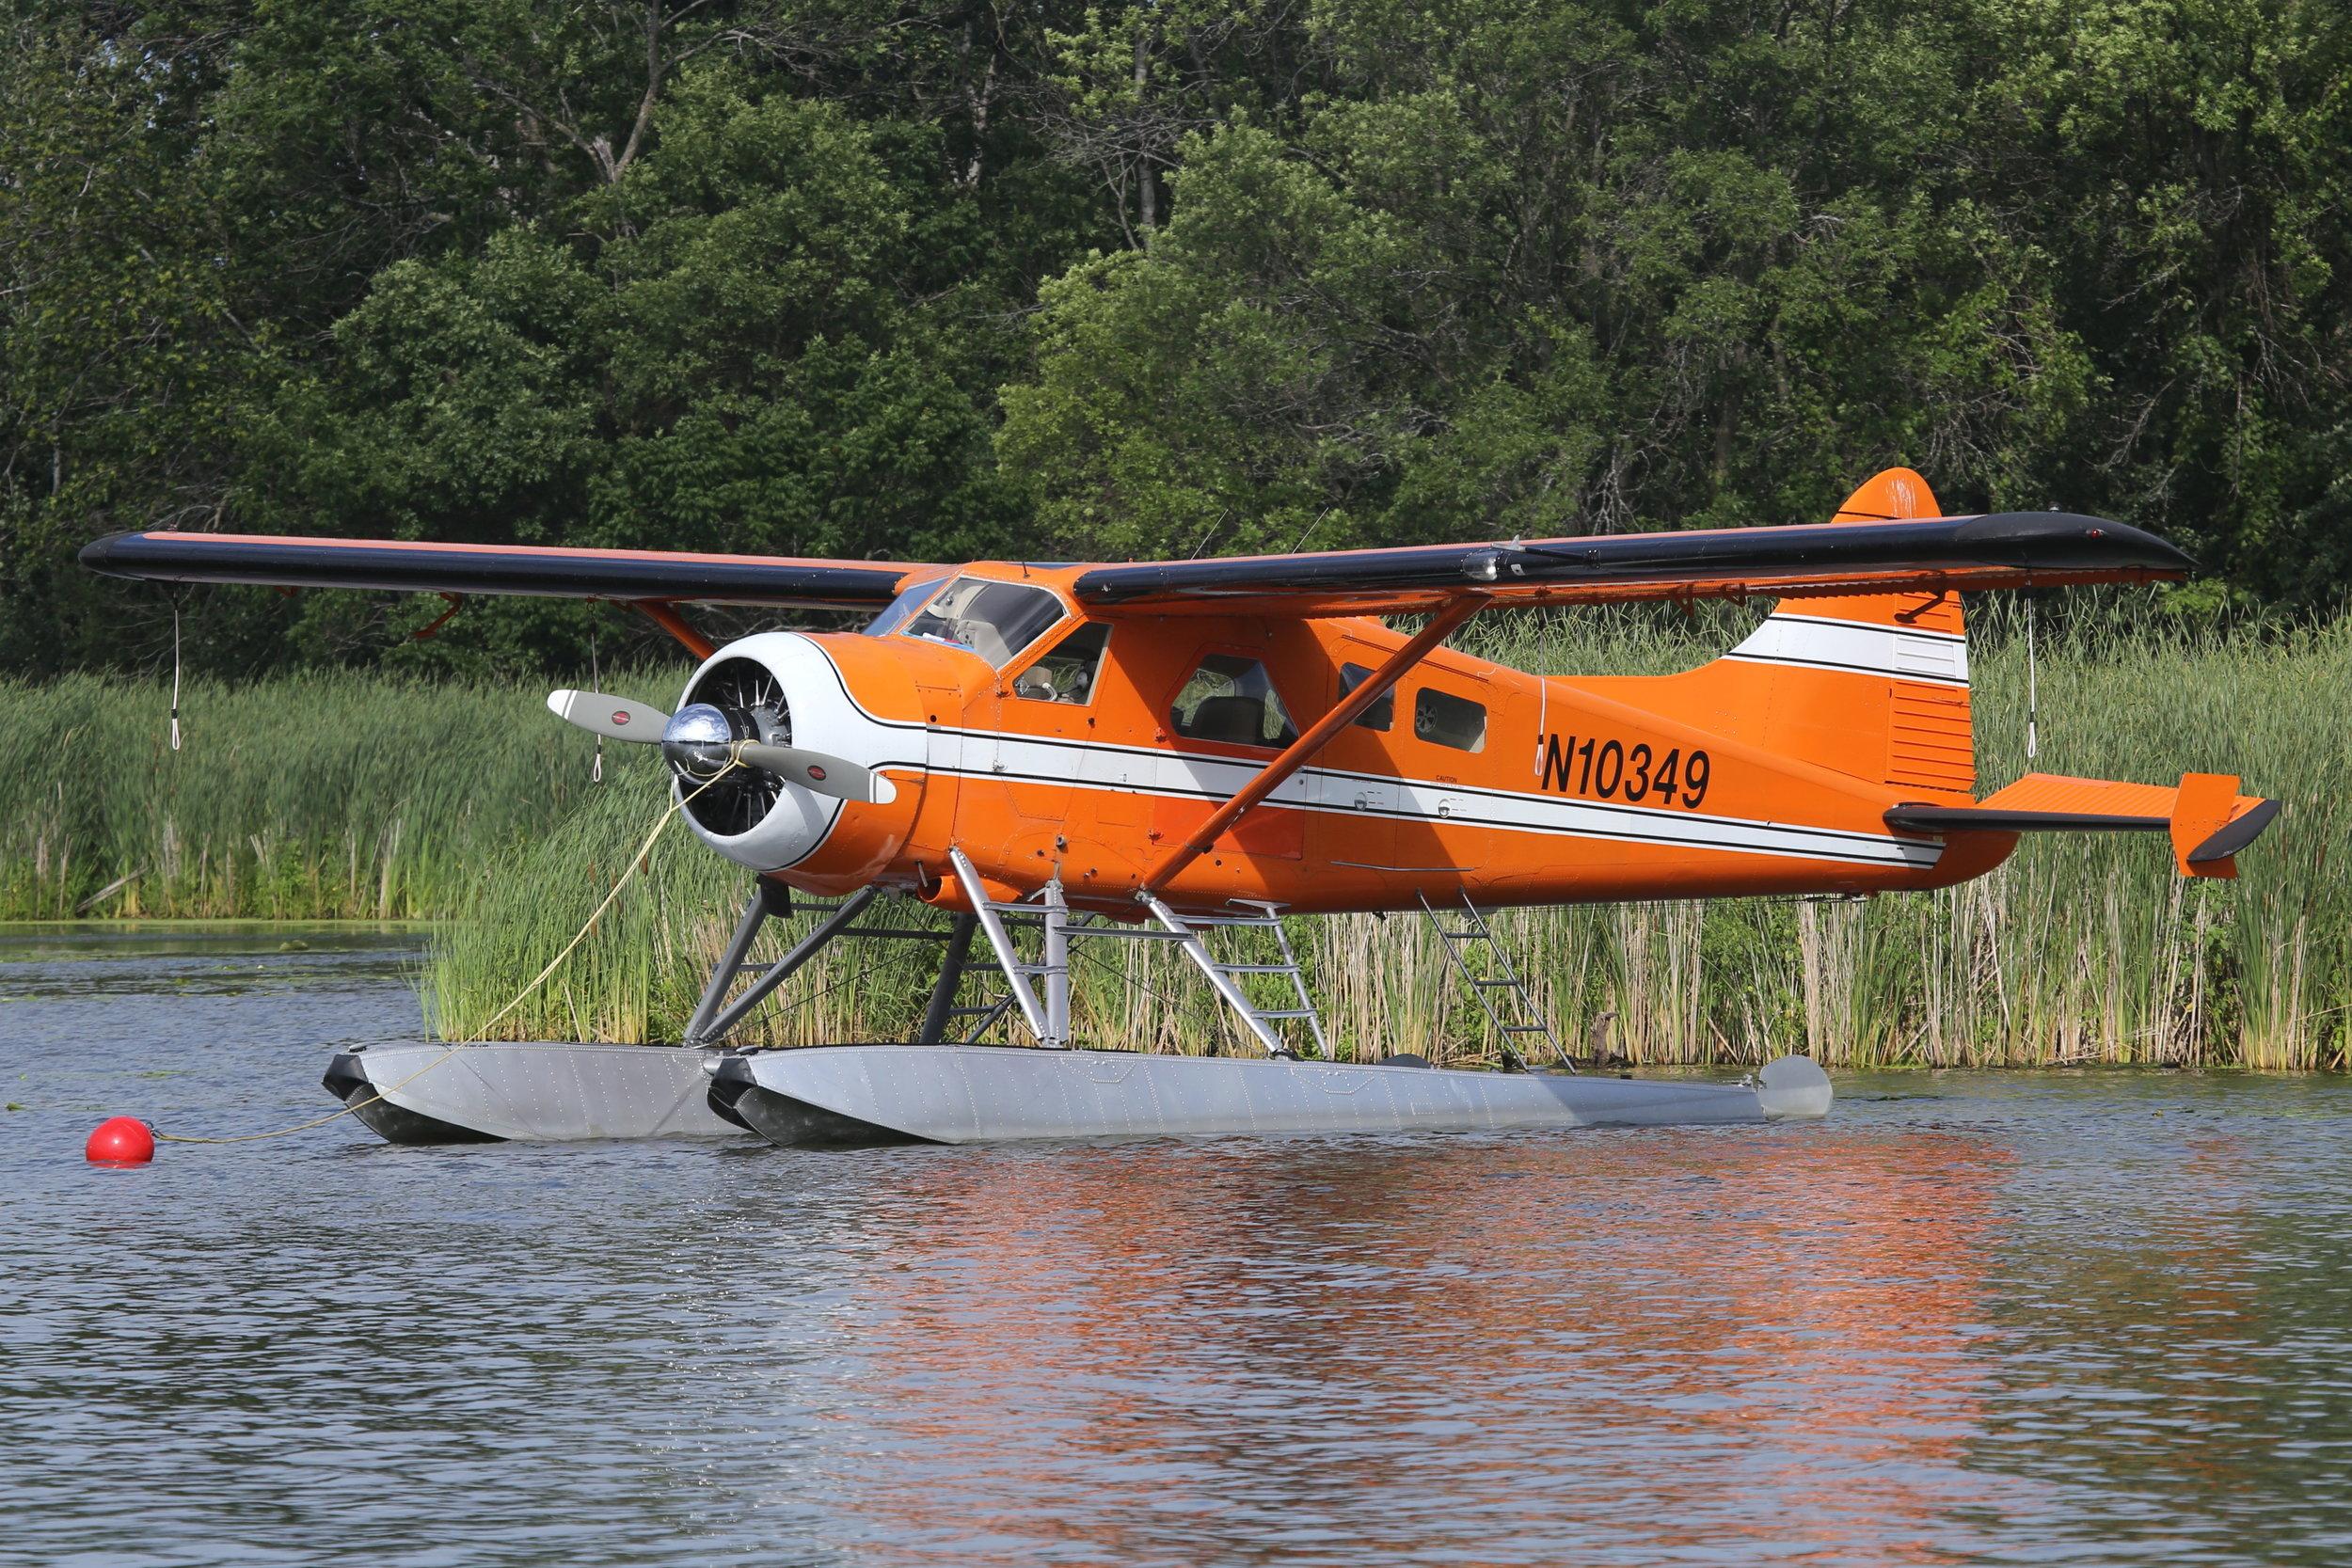 N10349 Aspen Air DHC-2 Beaver taken at Lake Winnibago Oshkosh 26th July 2018 by John Wood